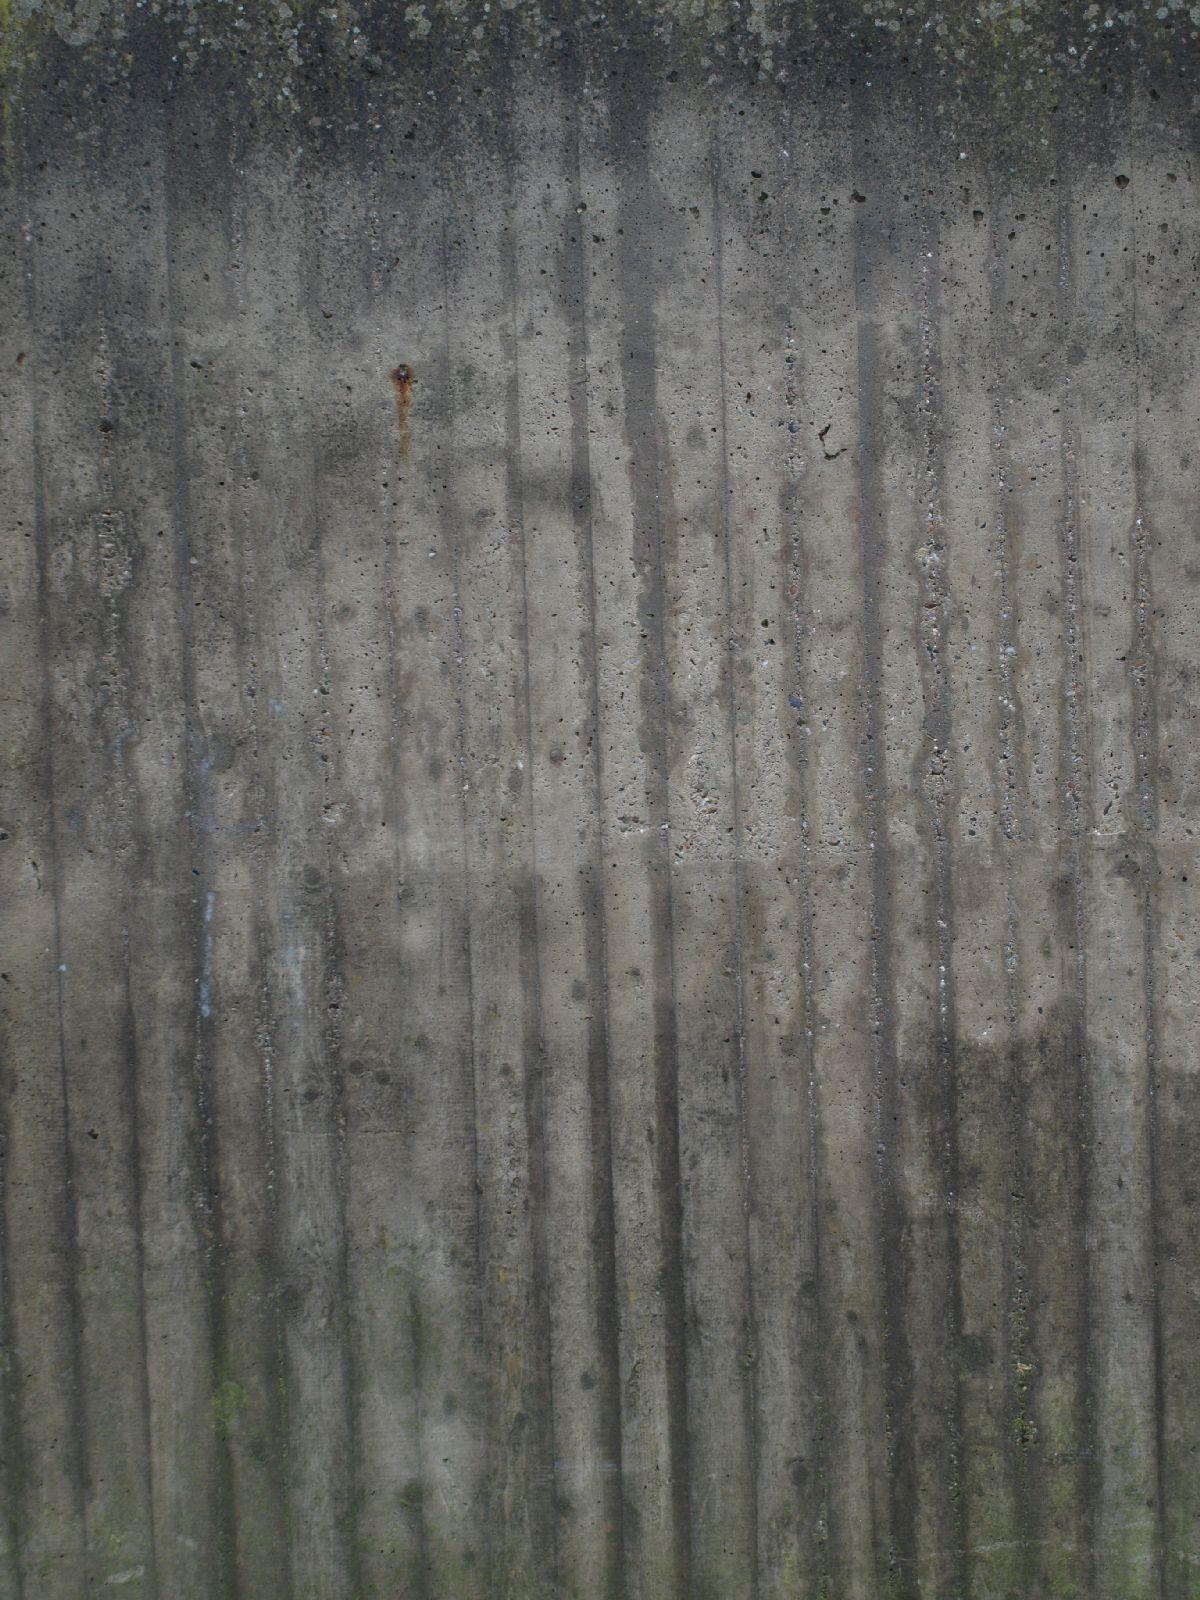 Stein_Textur_A_P2280894